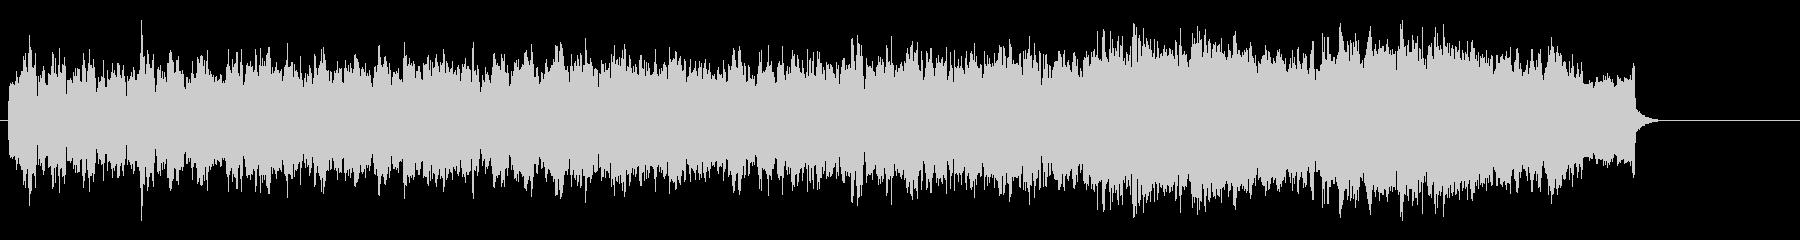 ピースフルなオーケストラ・サウンドの未再生の波形